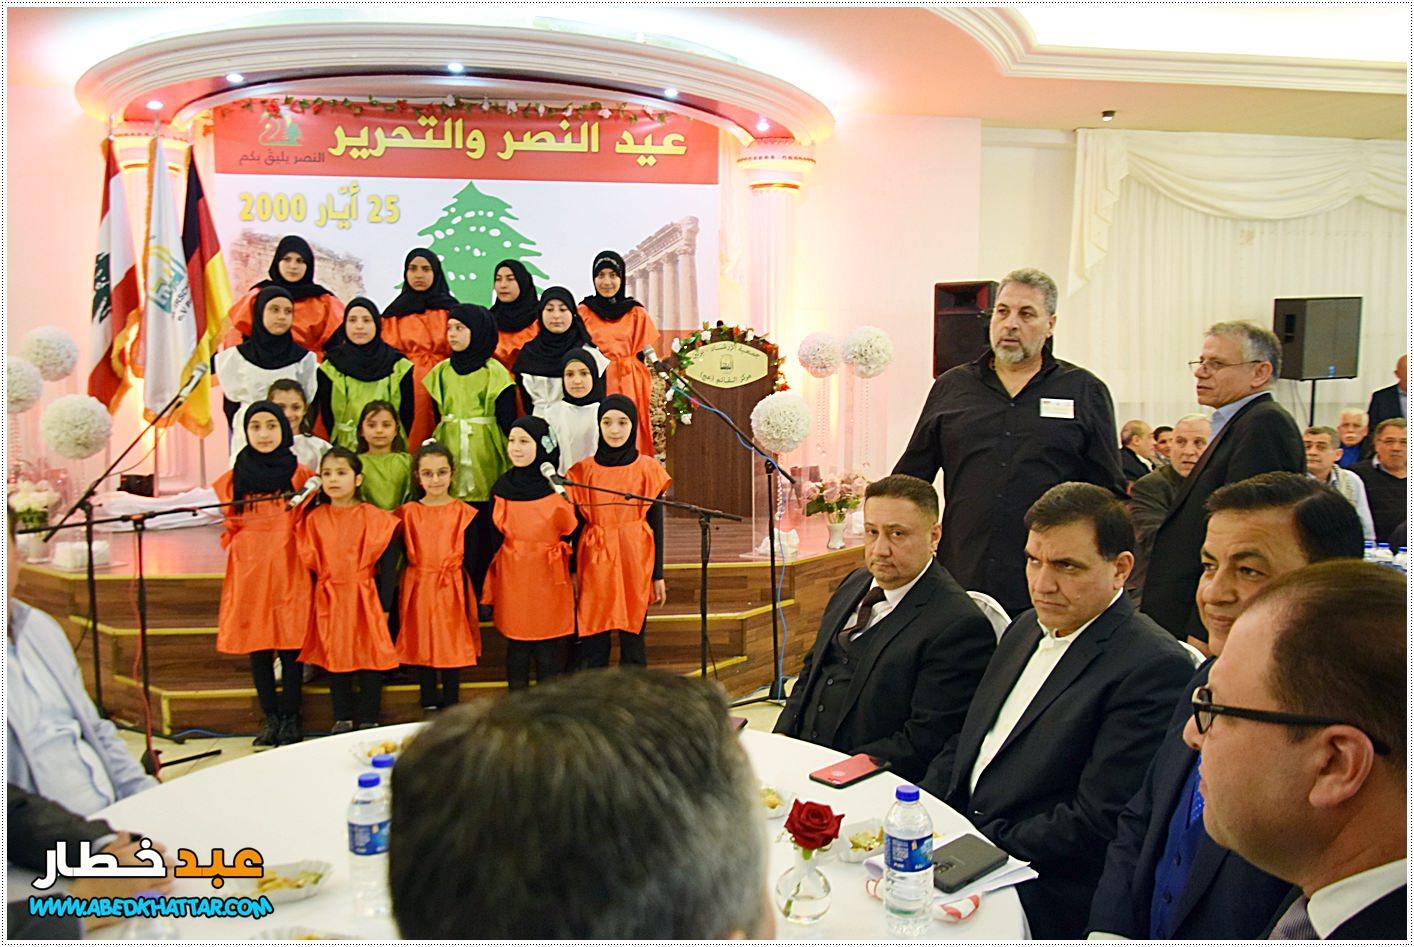 جمعية الإرشاد والجمعيات اللبنانية اقامت احتفال بمناسبةعيد النصر والتحرير